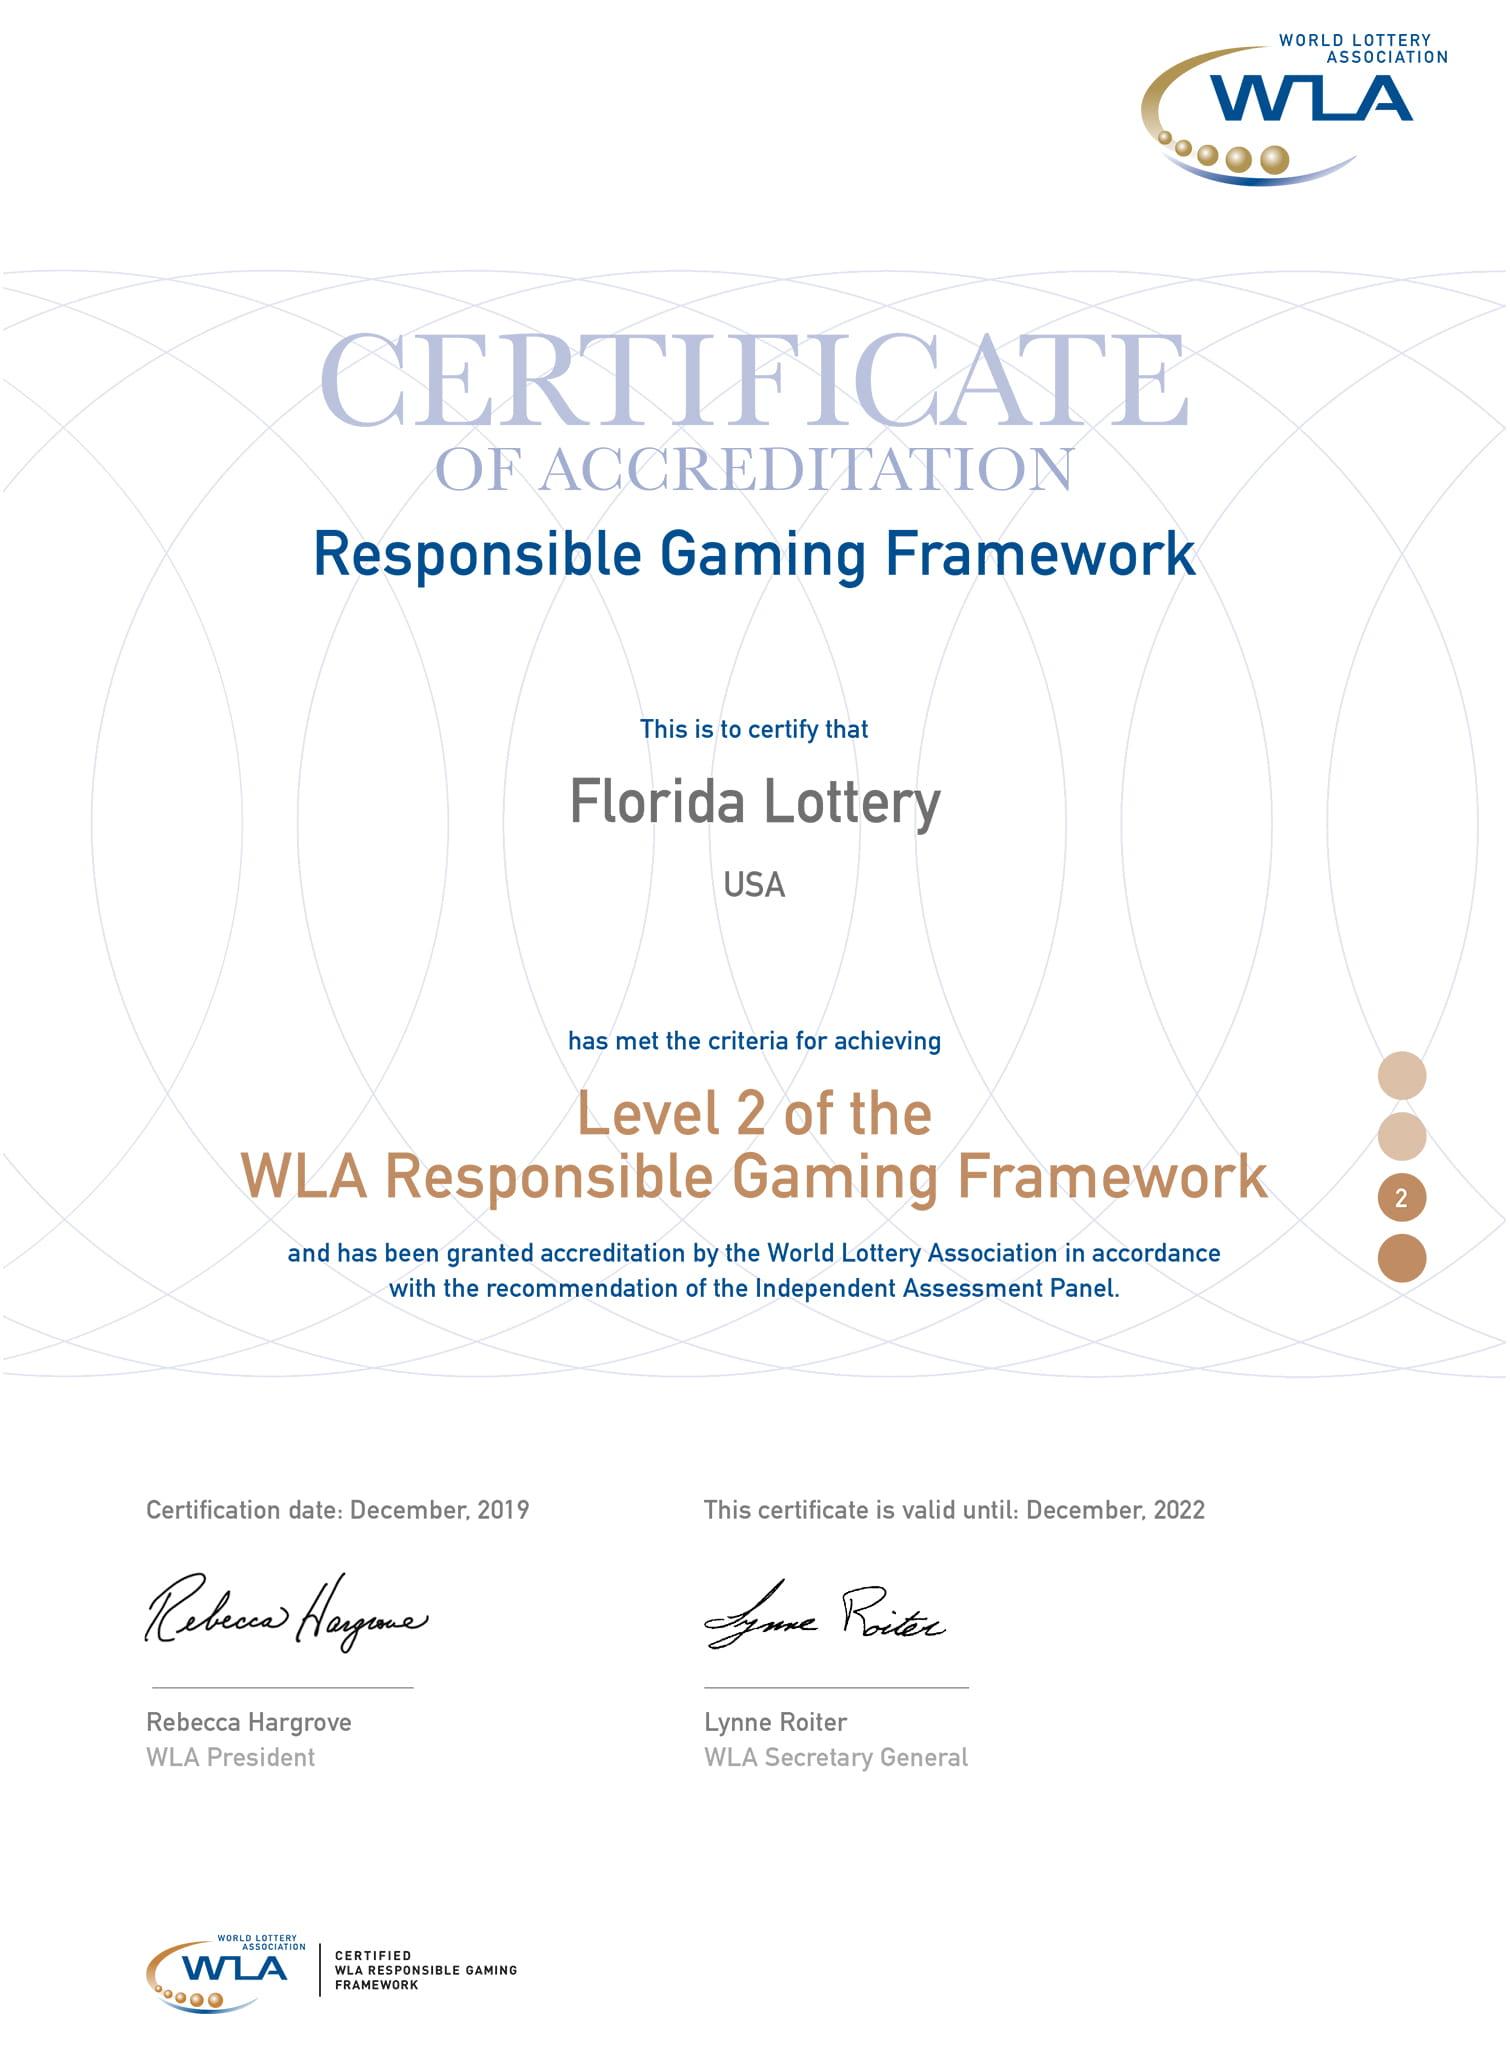 Certificado de Acreditación del Marco de Juego Responsable de la WLA